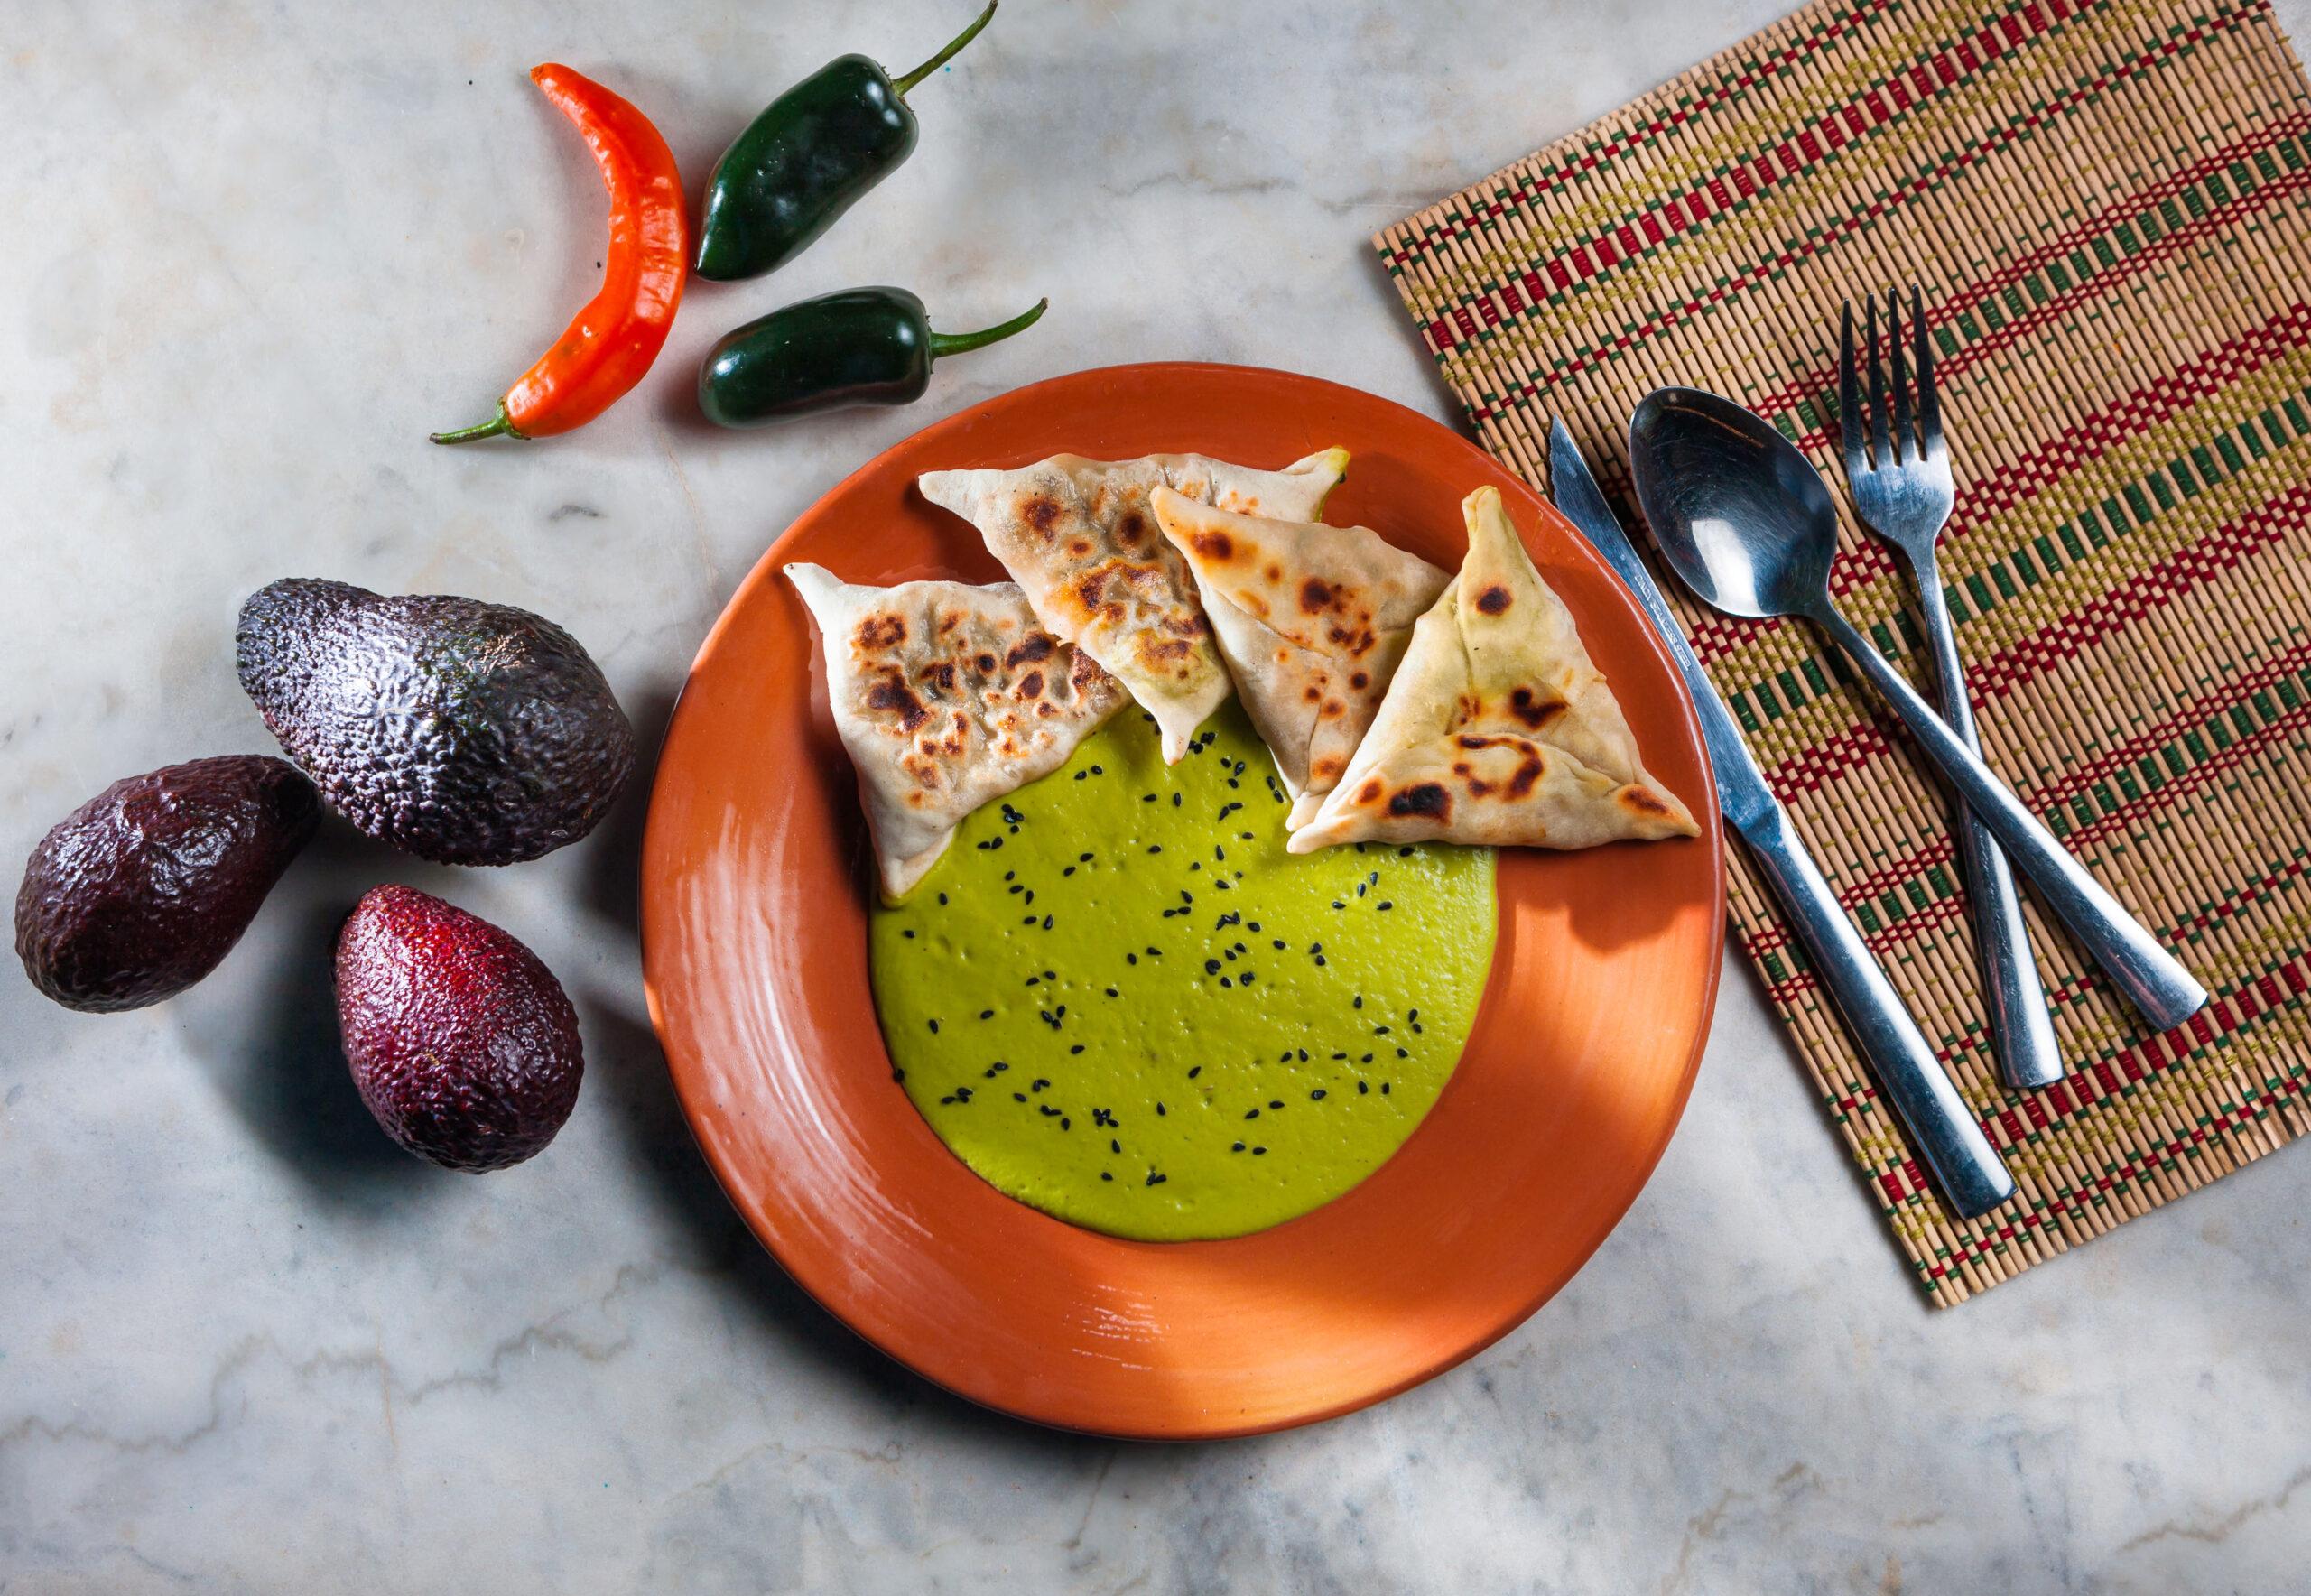 Καλτσούνια με γέμιση από γαρίδες, ελιές και σάλτσα αβοκάντο